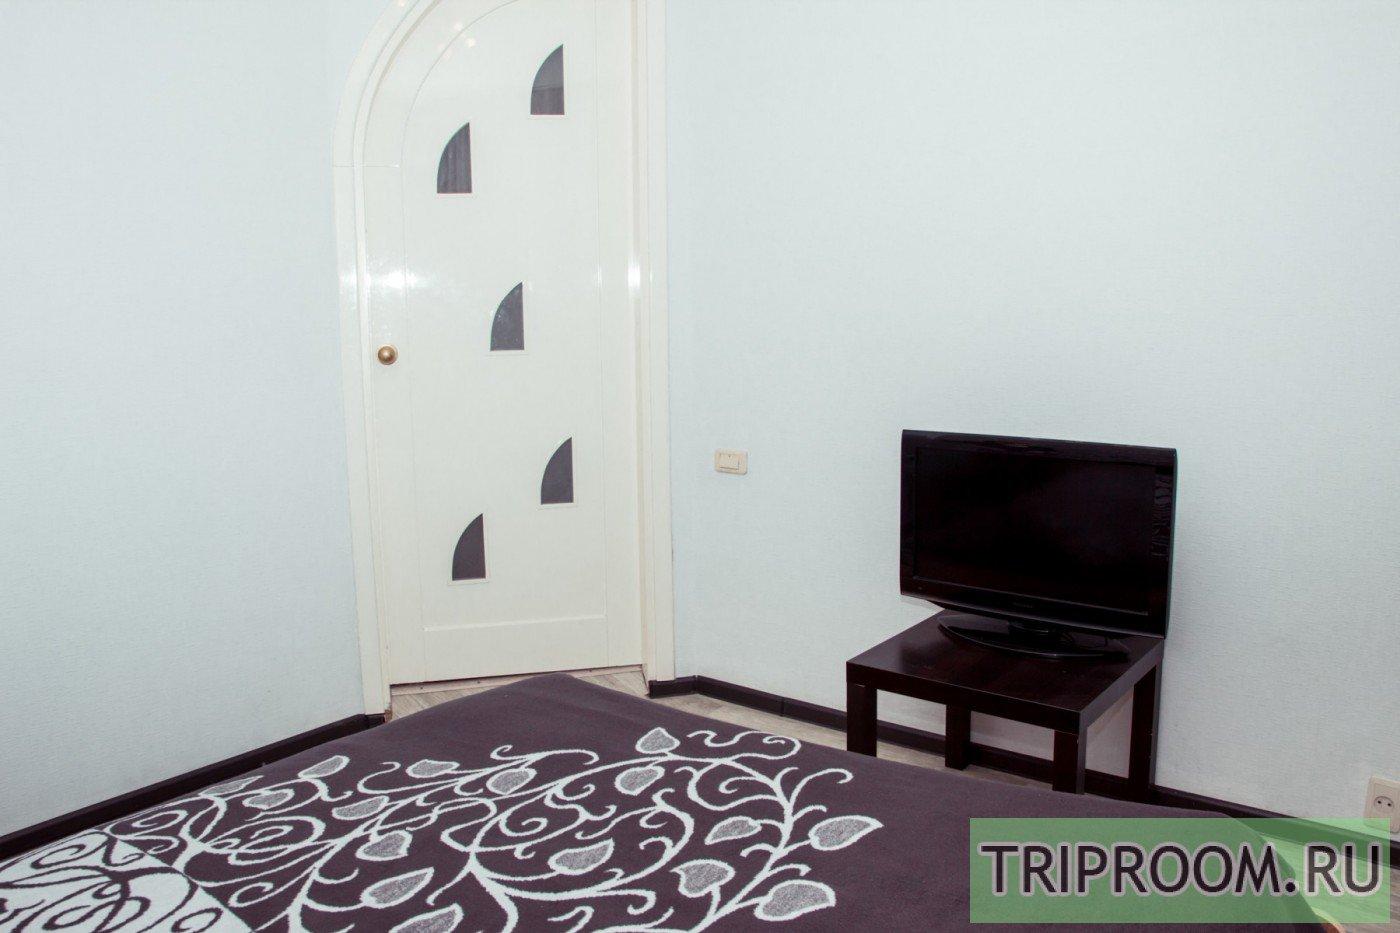 2-комнатная квартира посуточно (вариант № 36726), ул. Тимирязева, фото № 2